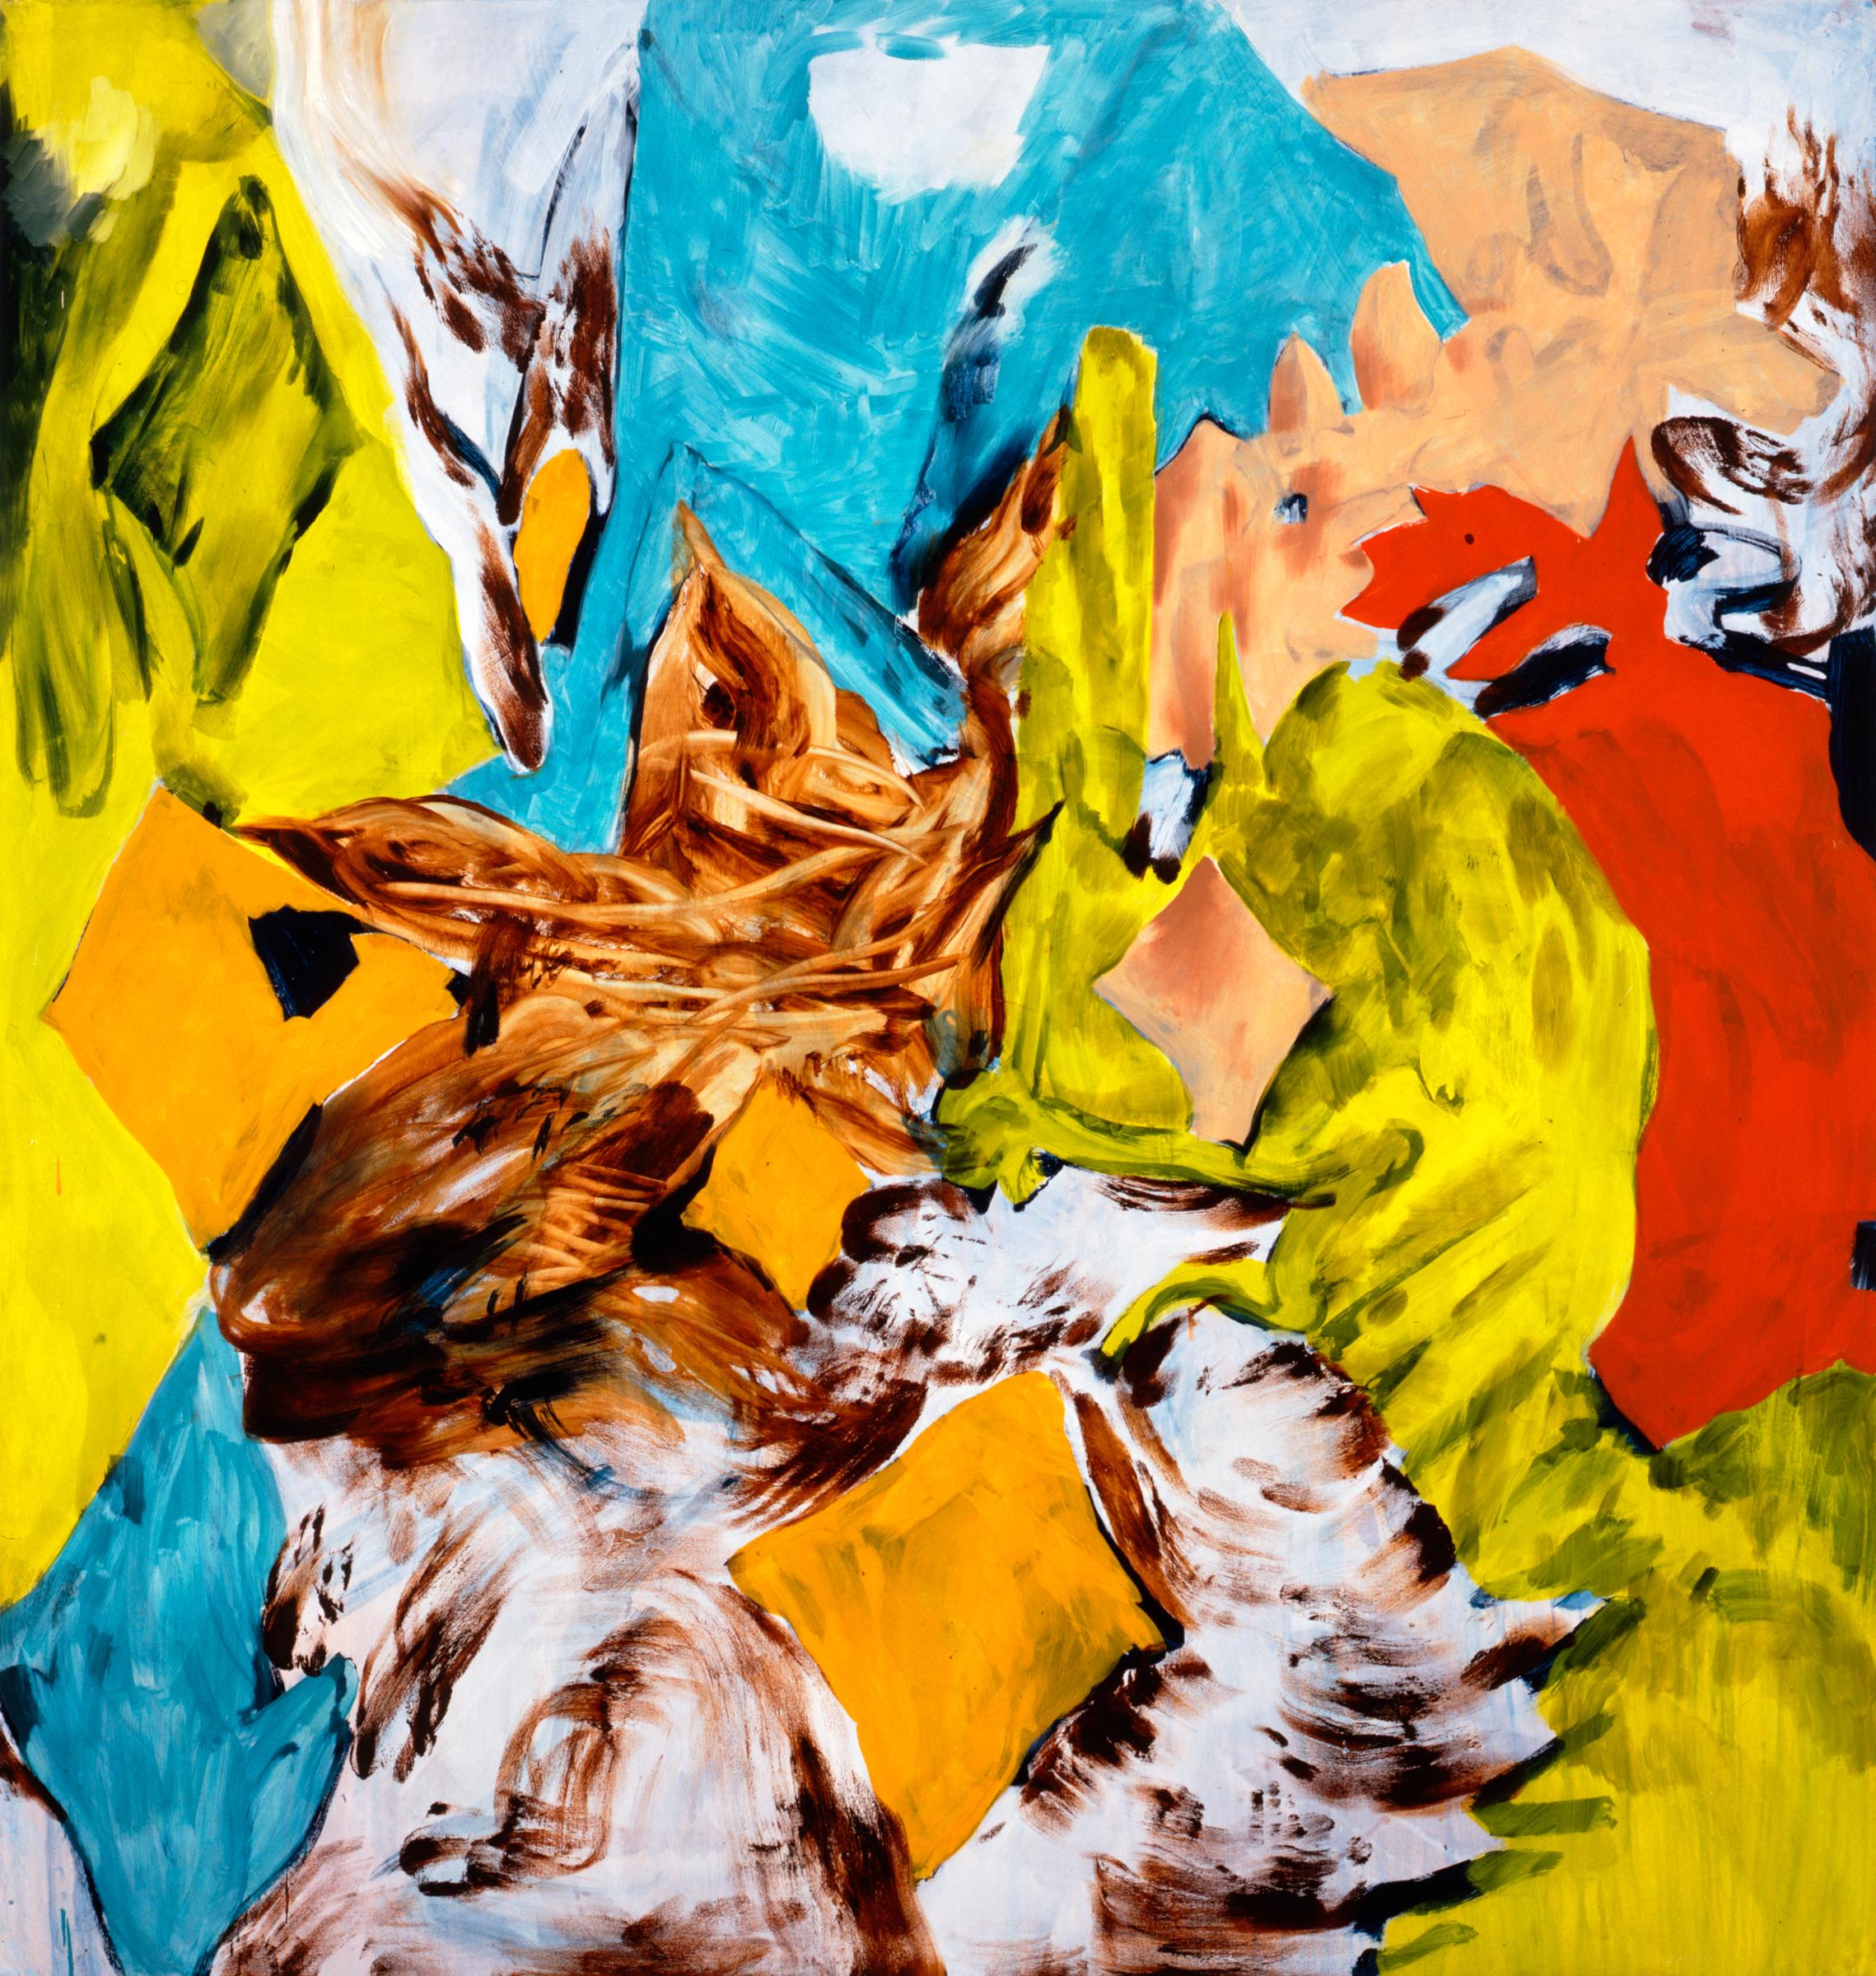 Charline von Heyl, Bluntschli, 2005. Acrylic and oil on canvas, 82 x 78 in. ©Charline von Heyl. Courtesy of the artist and Petzel, New York. Collection Ira G. Wool and Barbara Mirecki